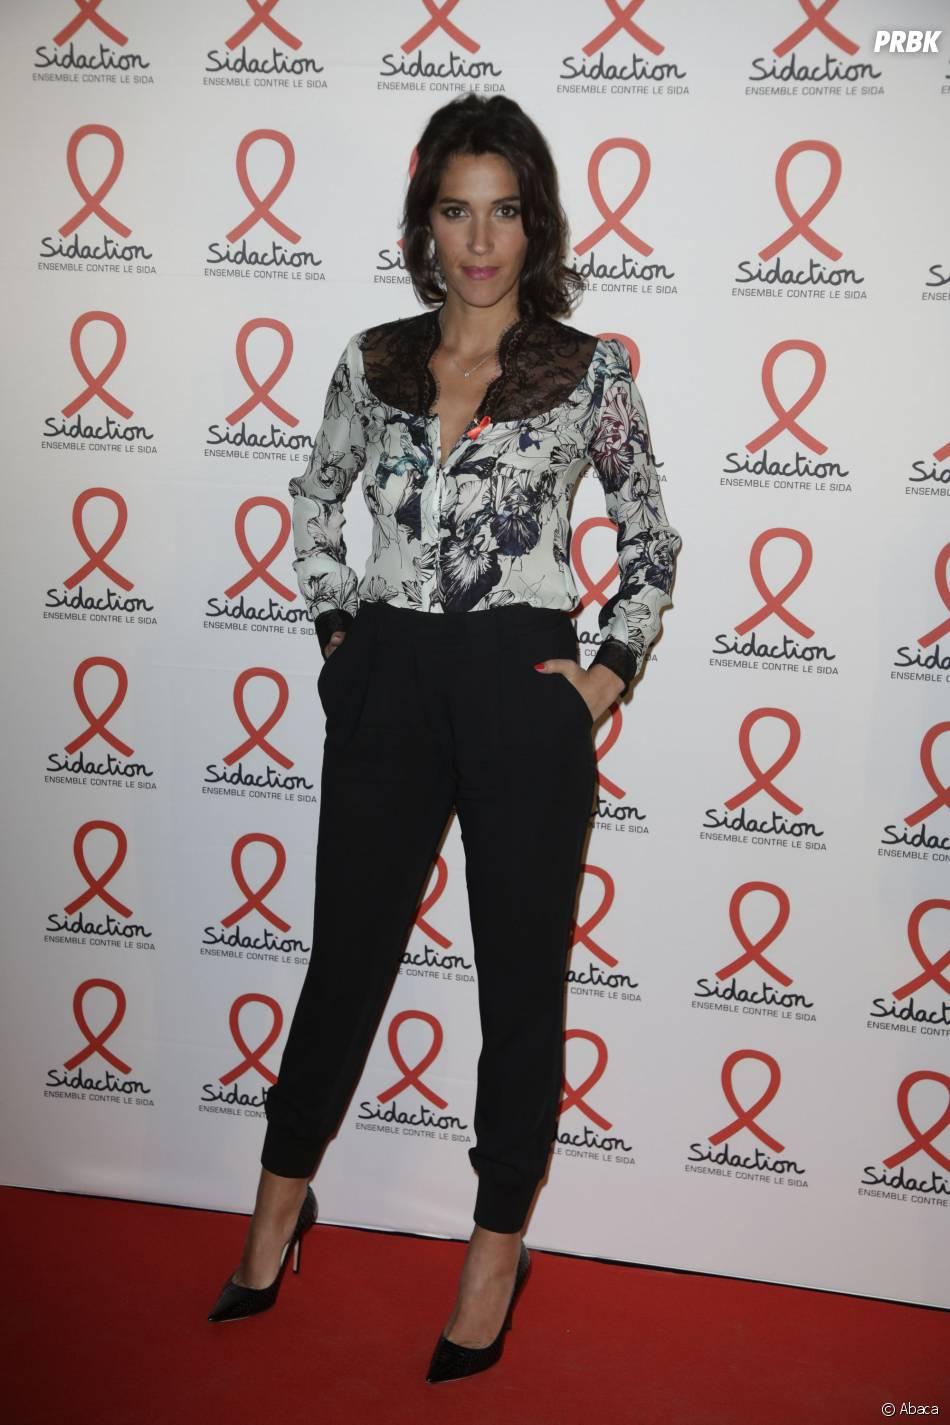 Laurie Cholewa à la soirée du Sidaction 2016 le 7 mars 2016